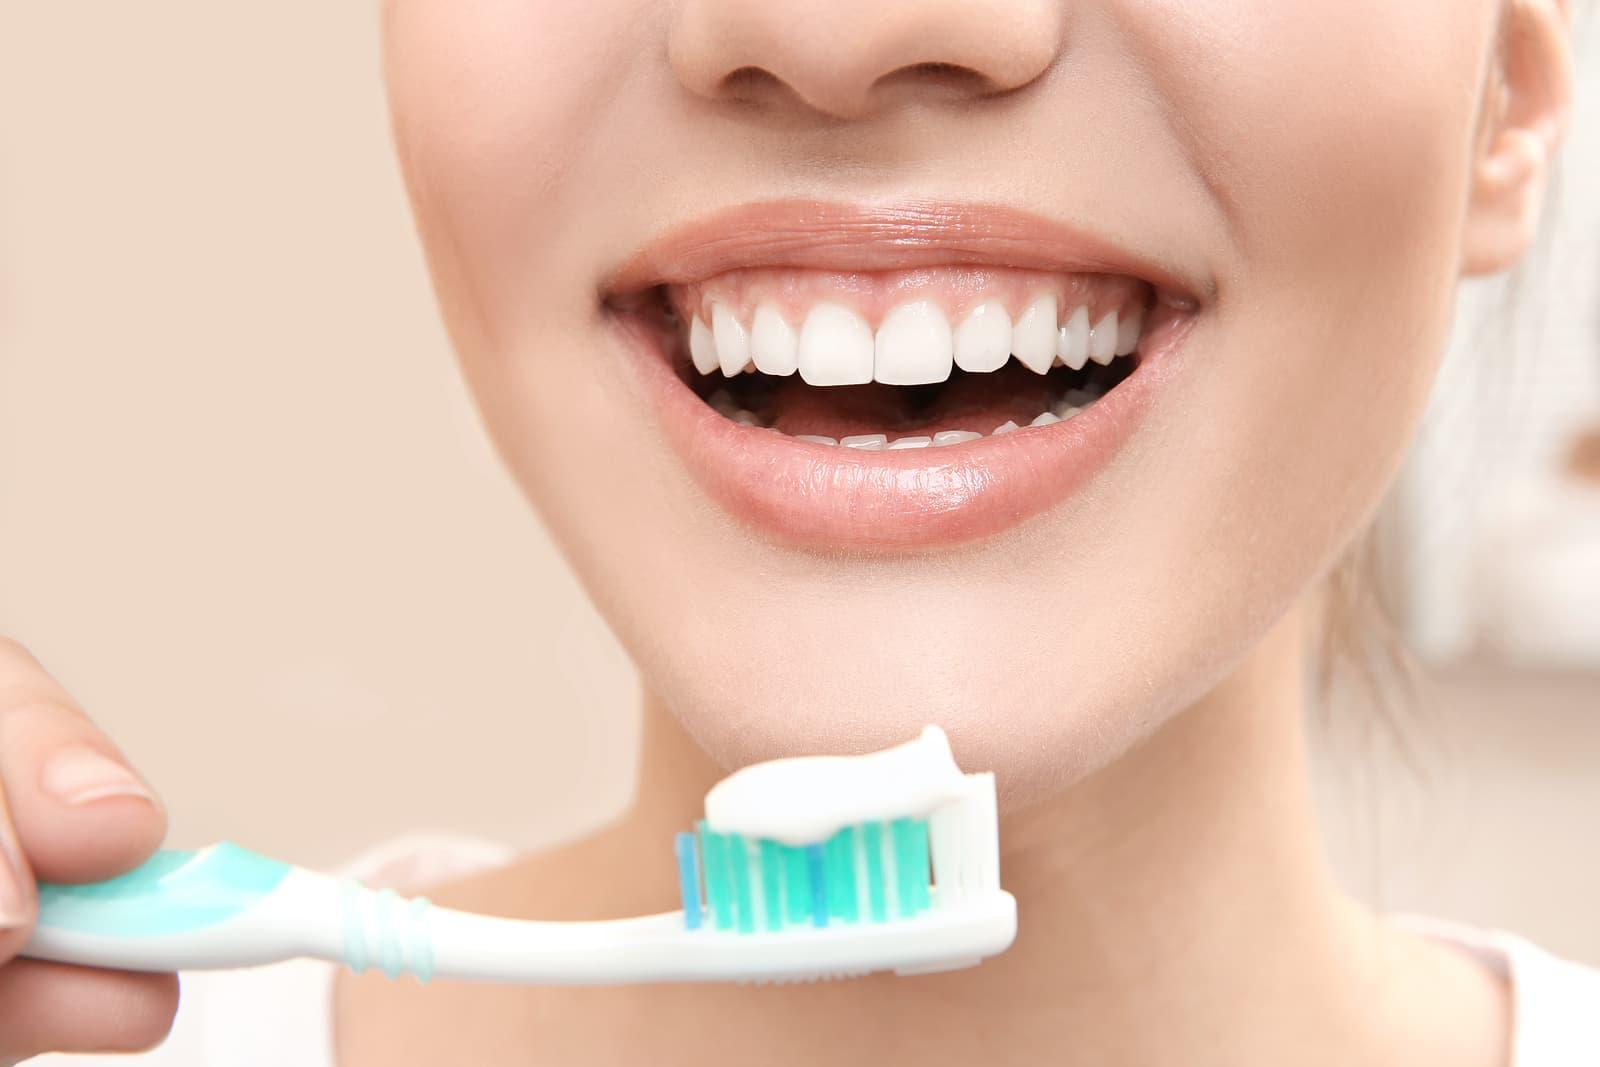 bigstock-Beautiful-woman-brushing-teeth-183703981